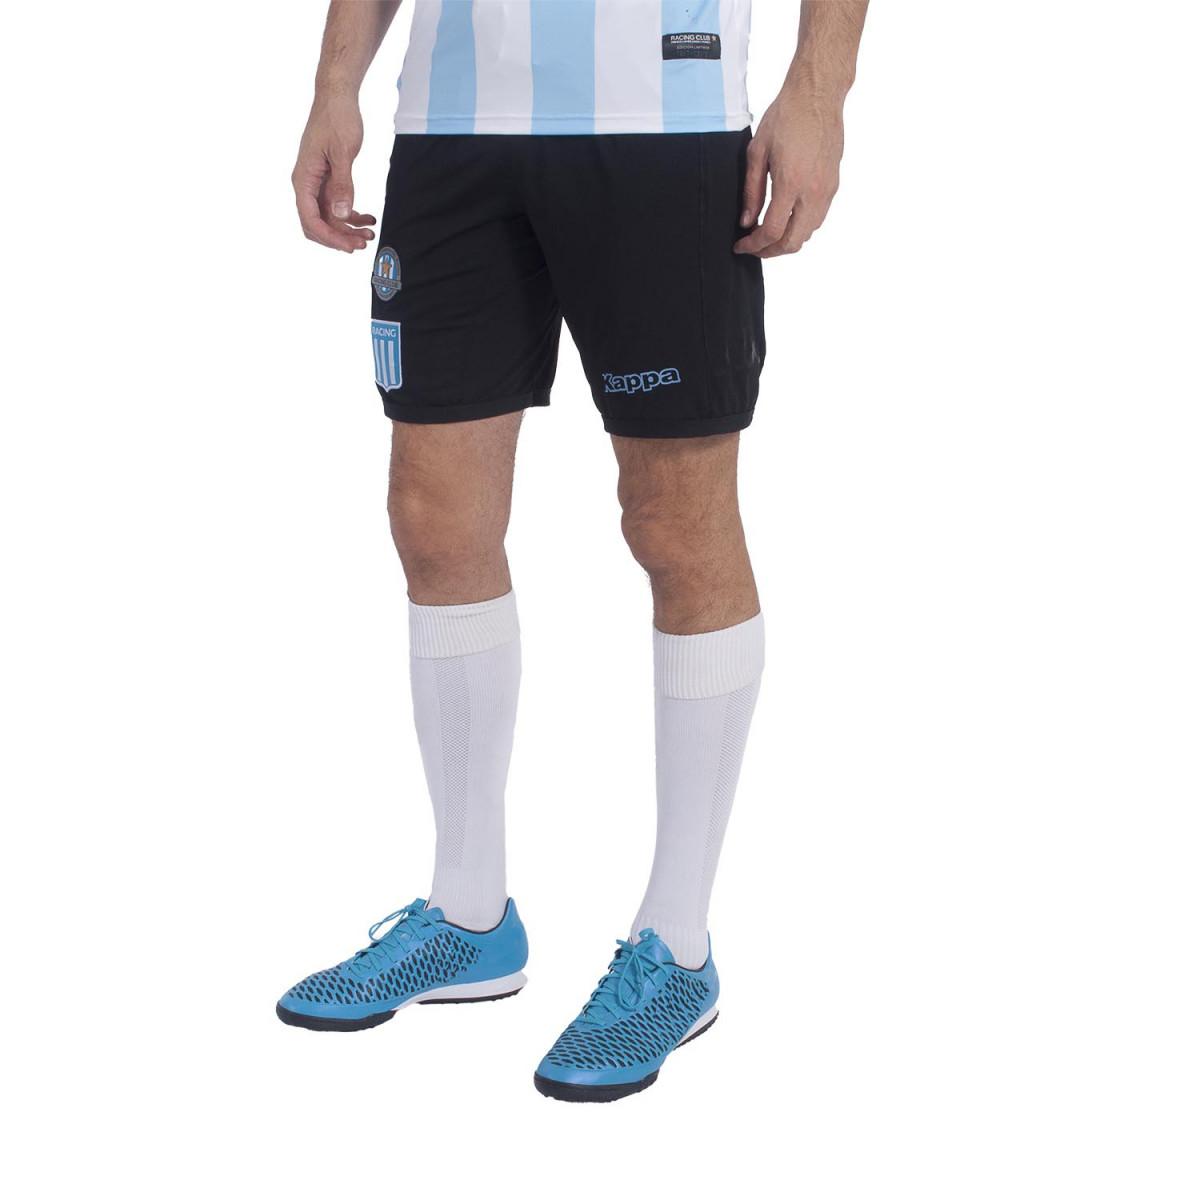 7169922852994 Short Futbol Kappa Aniversario Racing Club